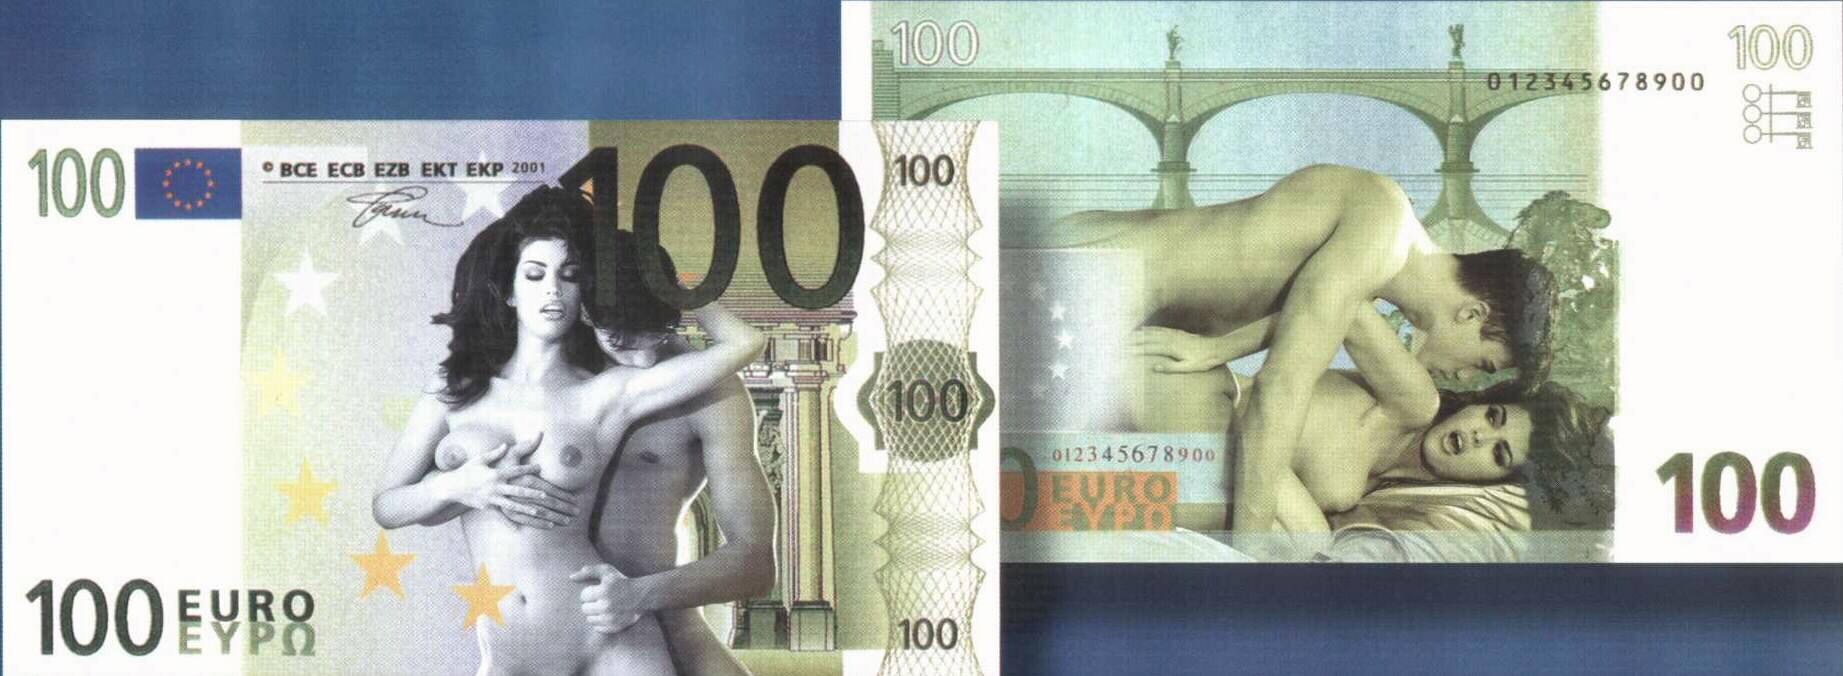 evro-erotika